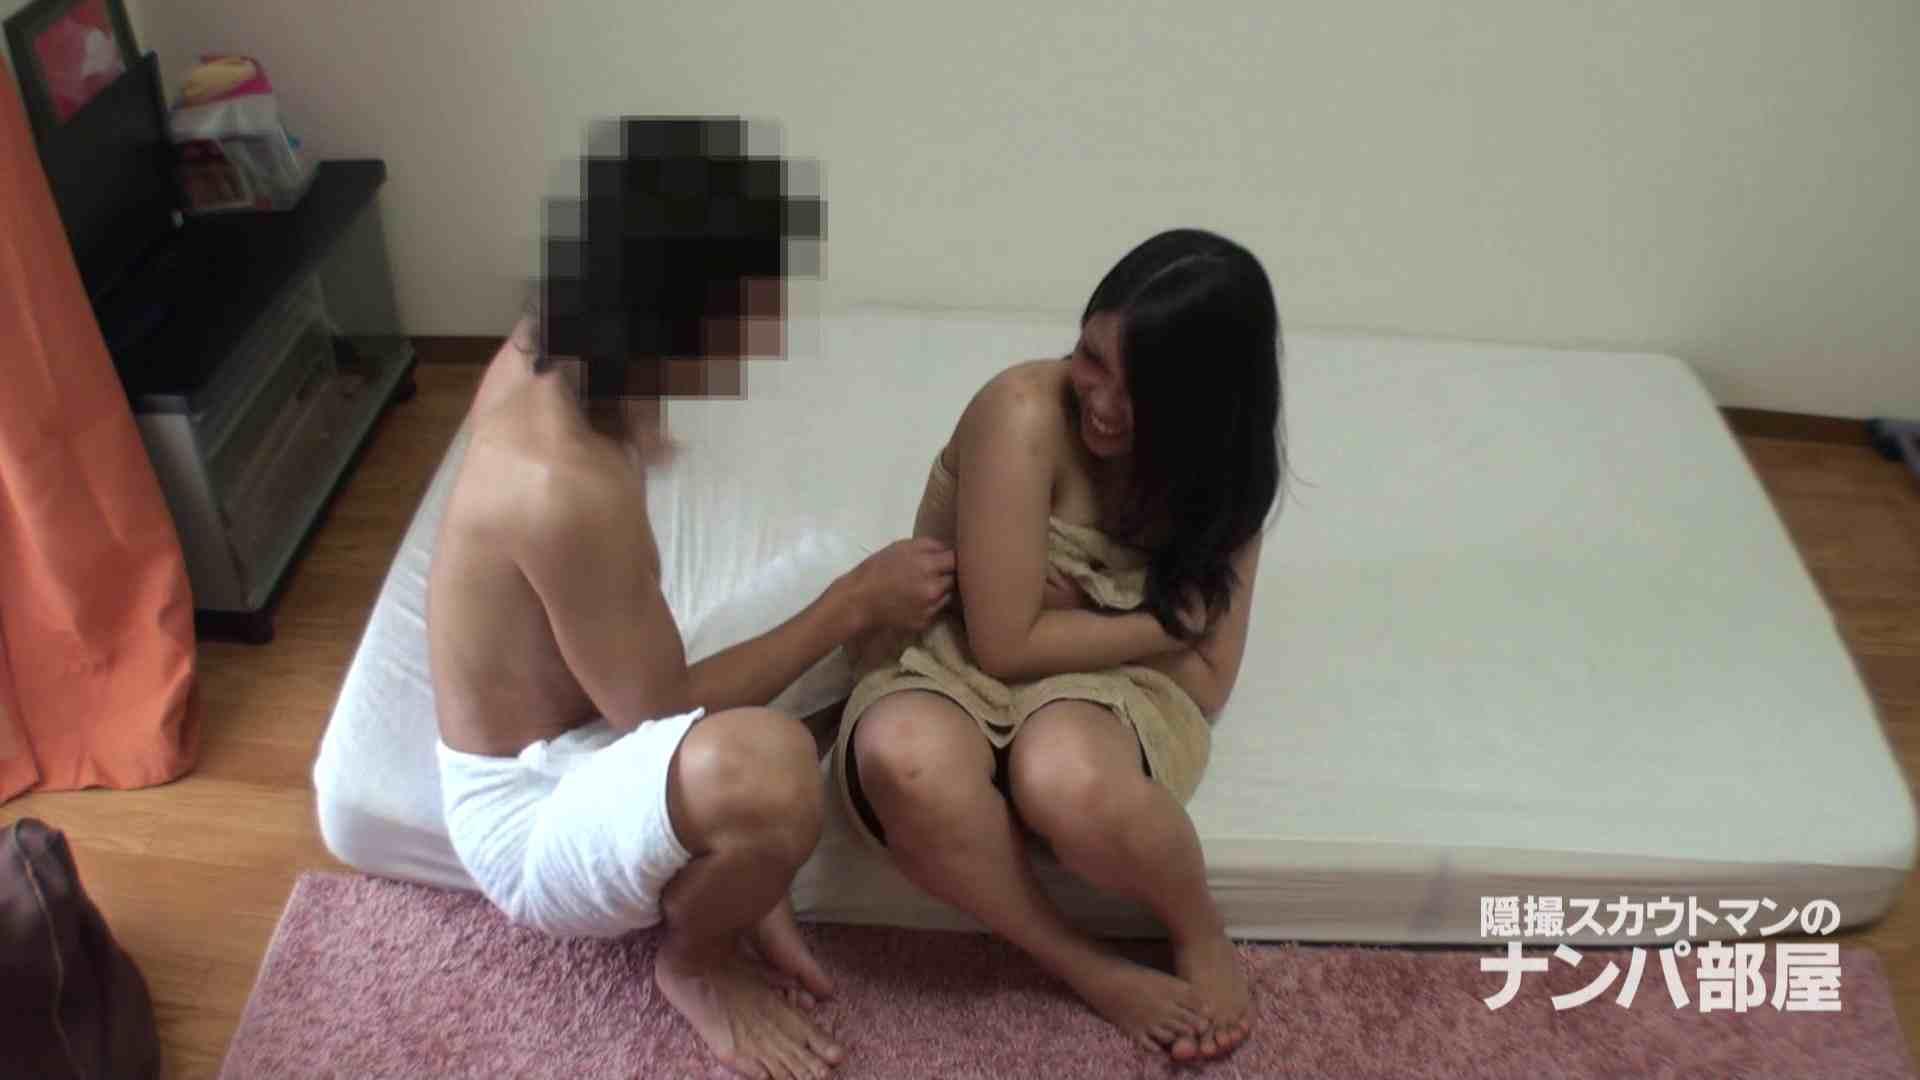 隠撮スカウトマンのナンパ部屋~風俗デビュー前のつまみ食い~hana 隠撮 エロ無料画像 95pic 92